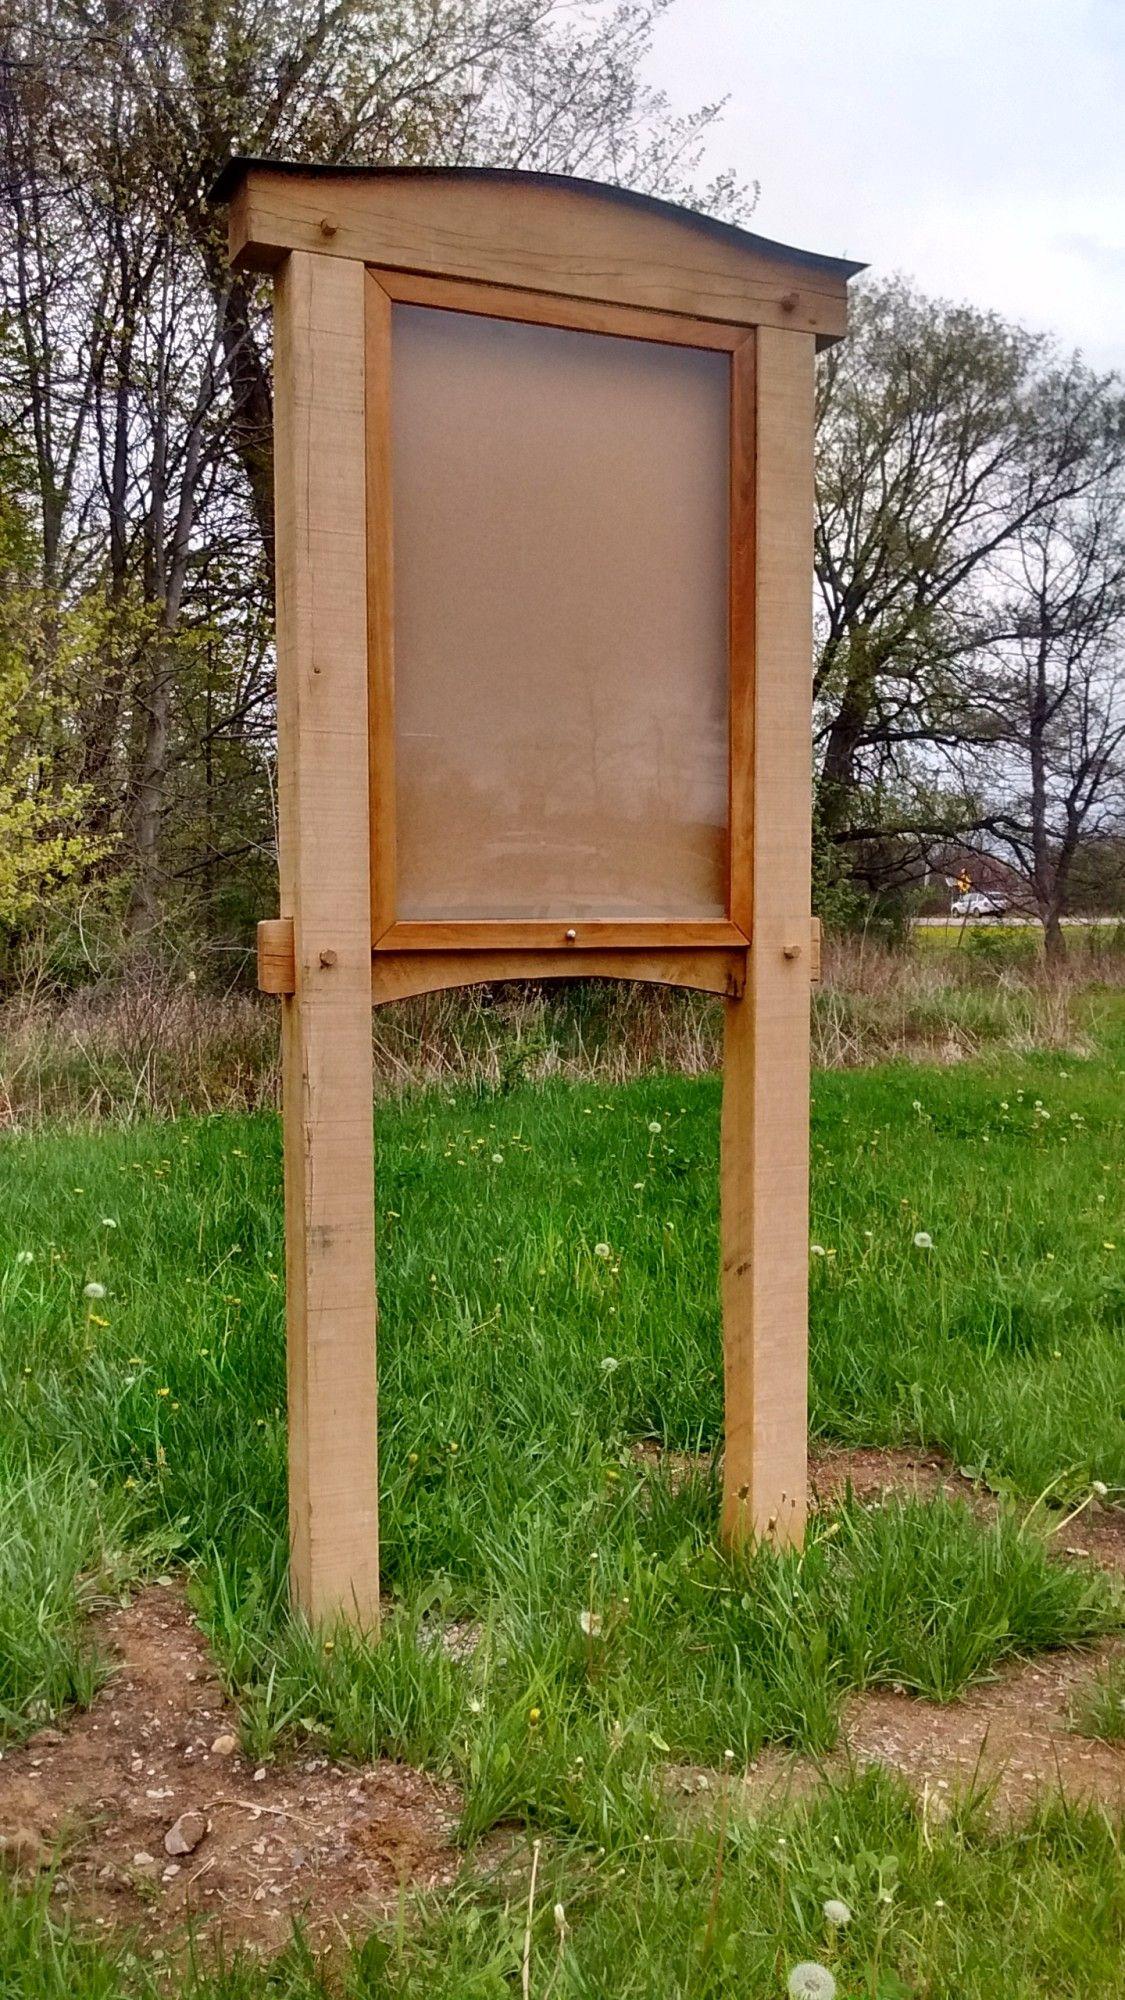 The Mini Kiosk: A Humble Timber Frame Kiosk Kit | Trailhead and